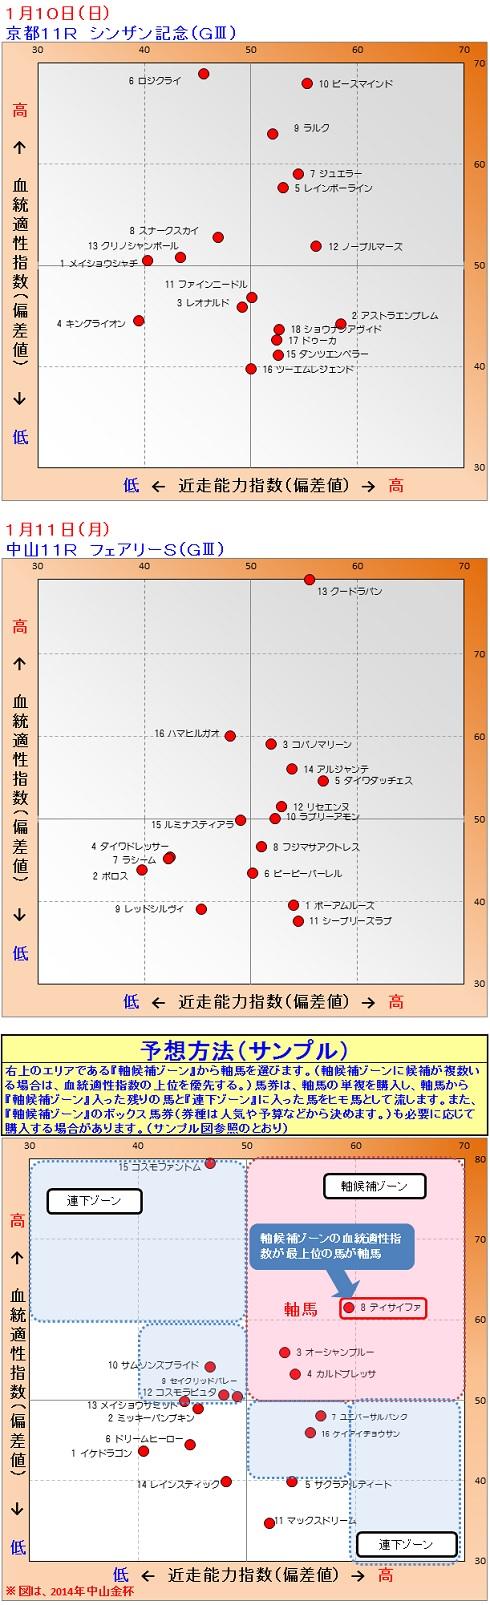 2015-01-1011競馬予想